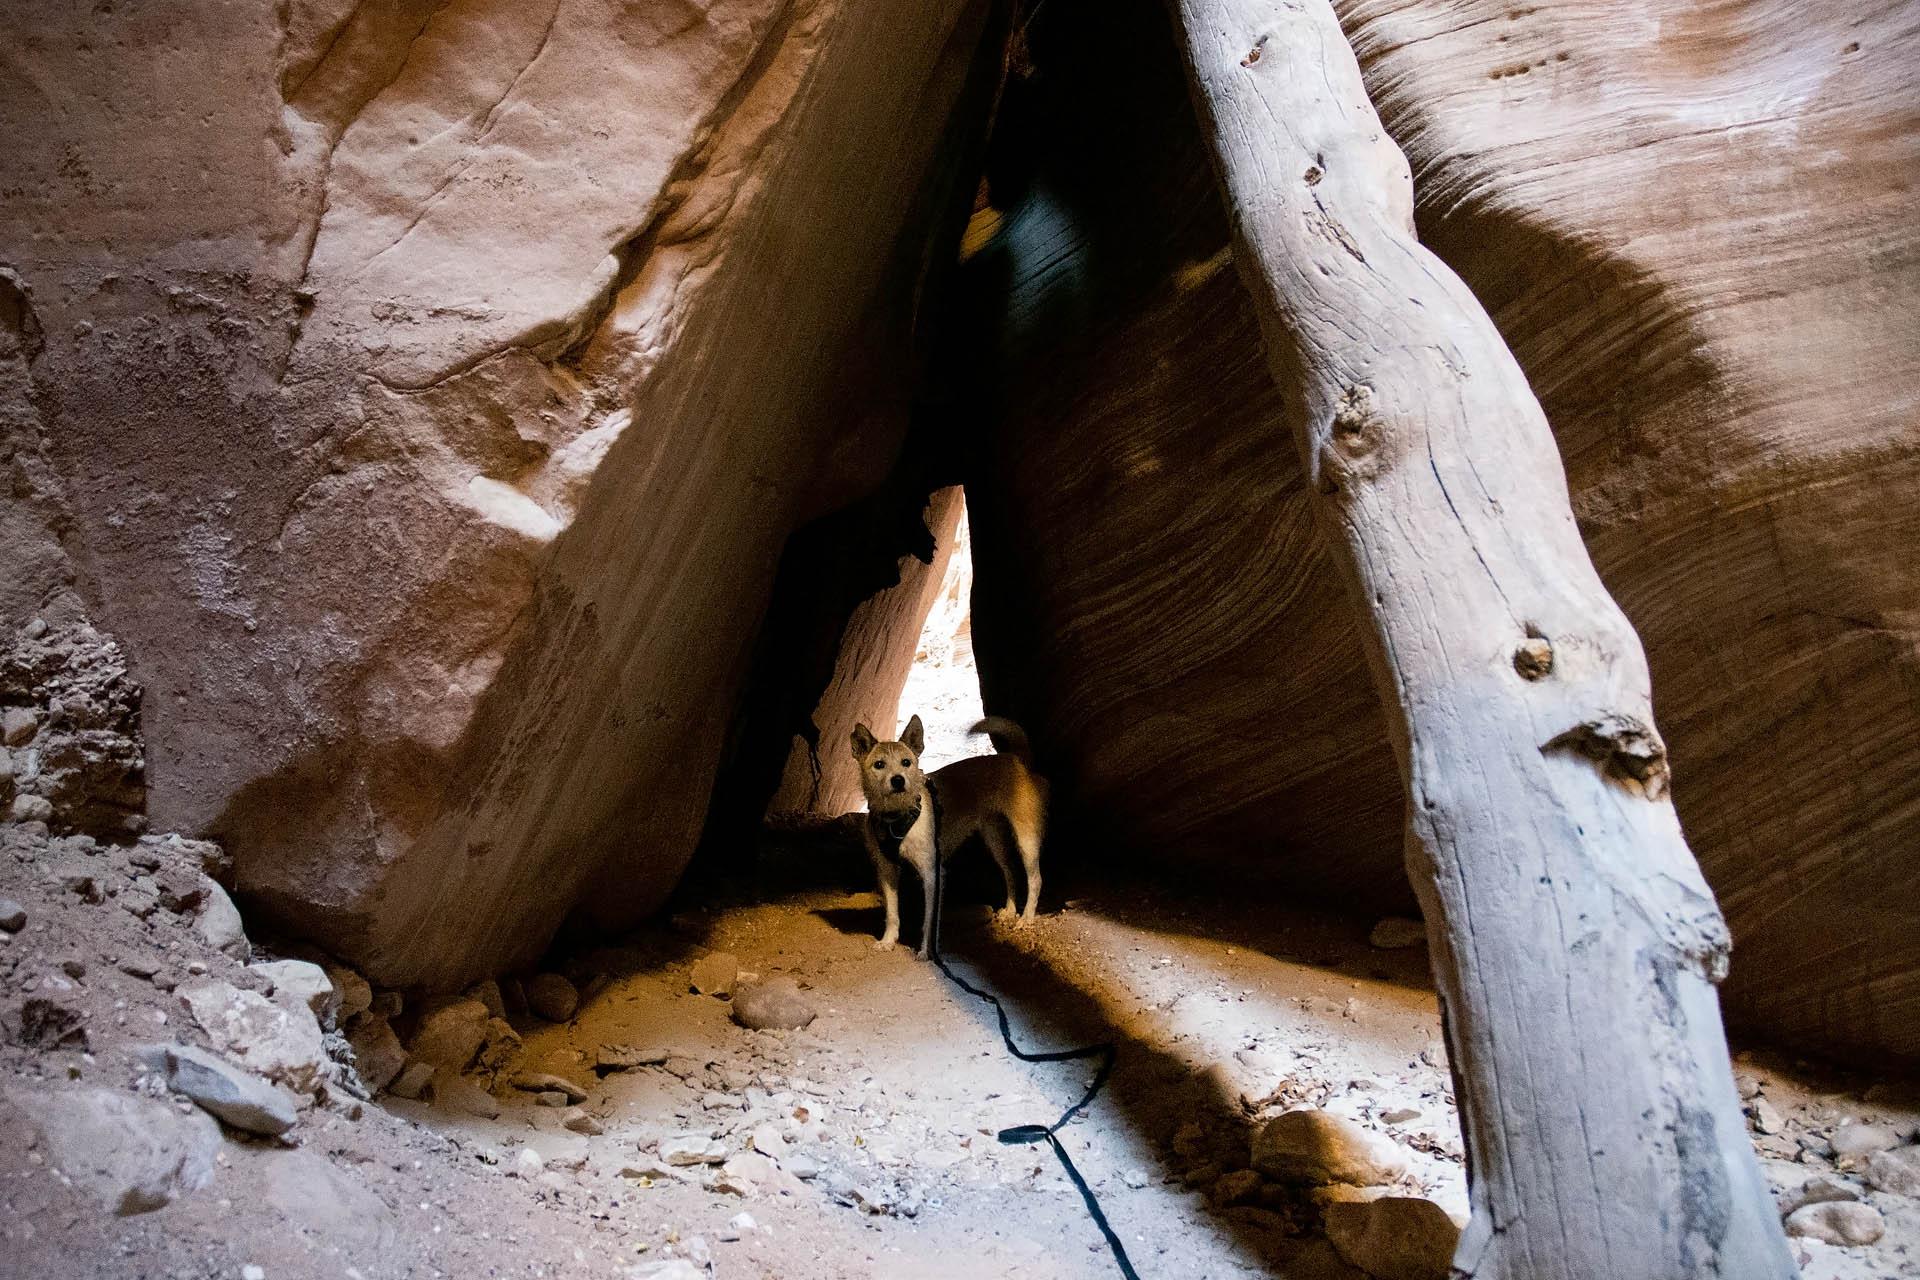 Finding a secret passageway